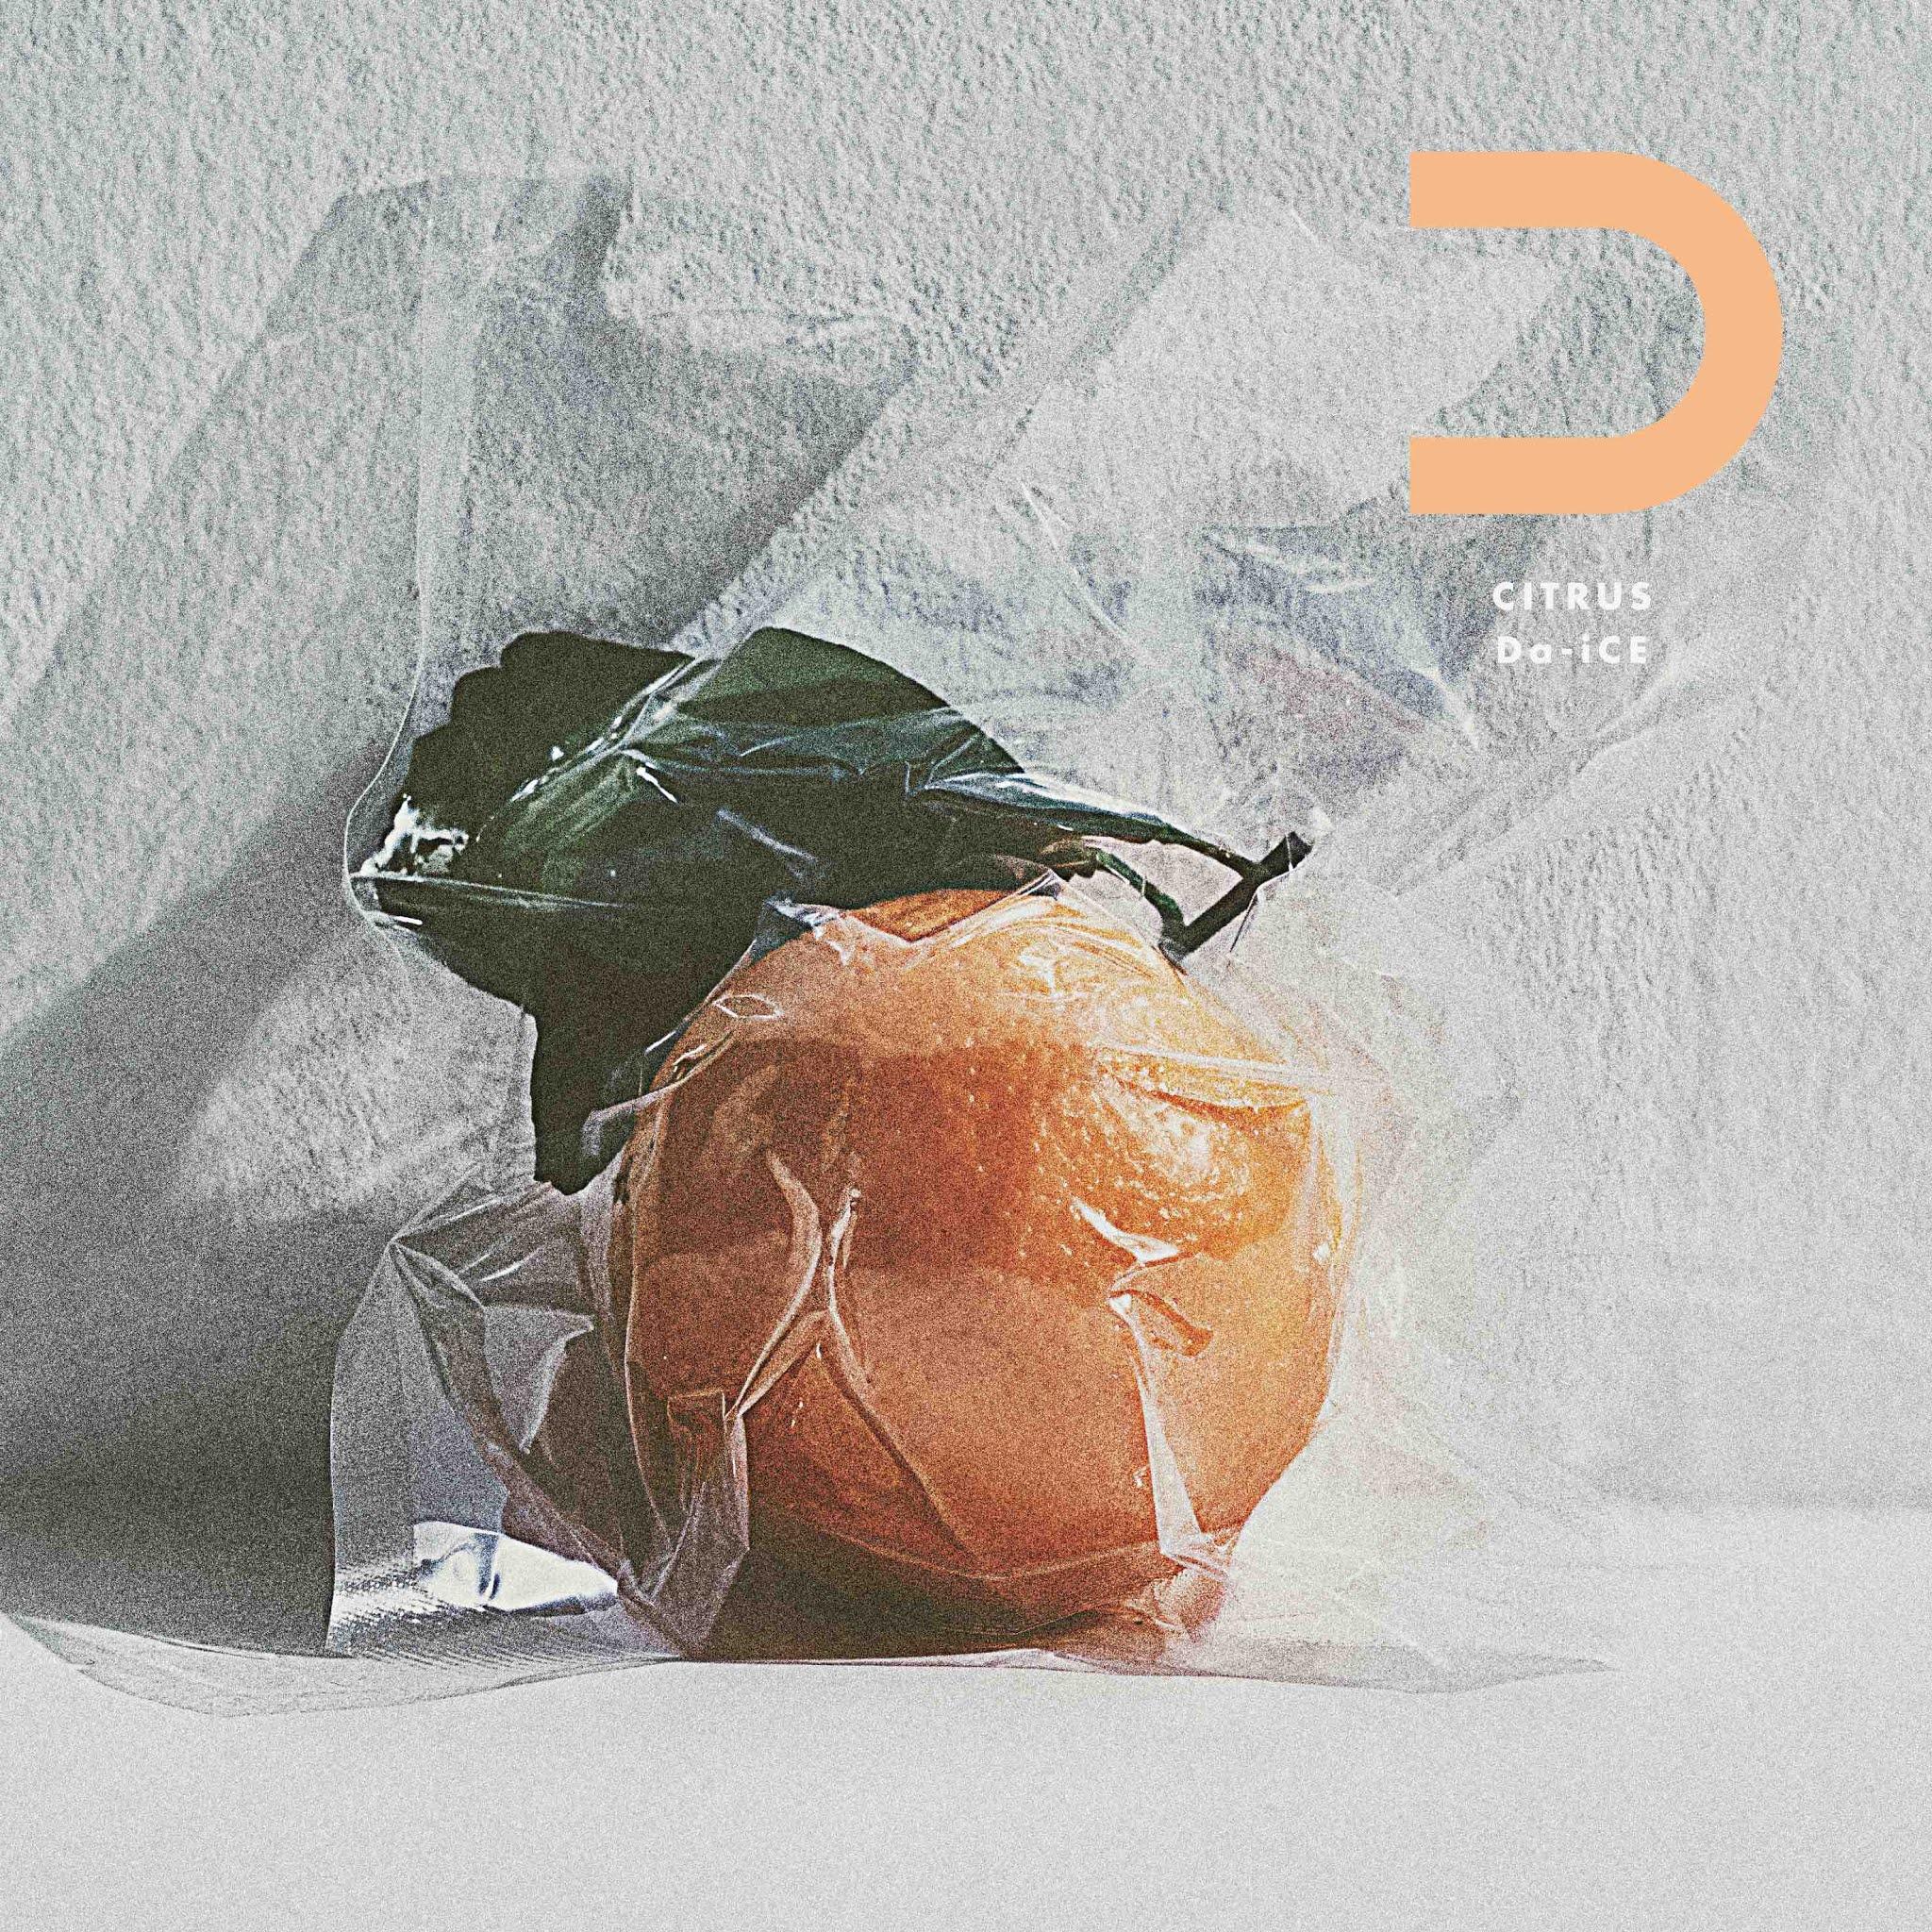 Da-iCE - Citrus [2020.11.27+MP3+RAR]